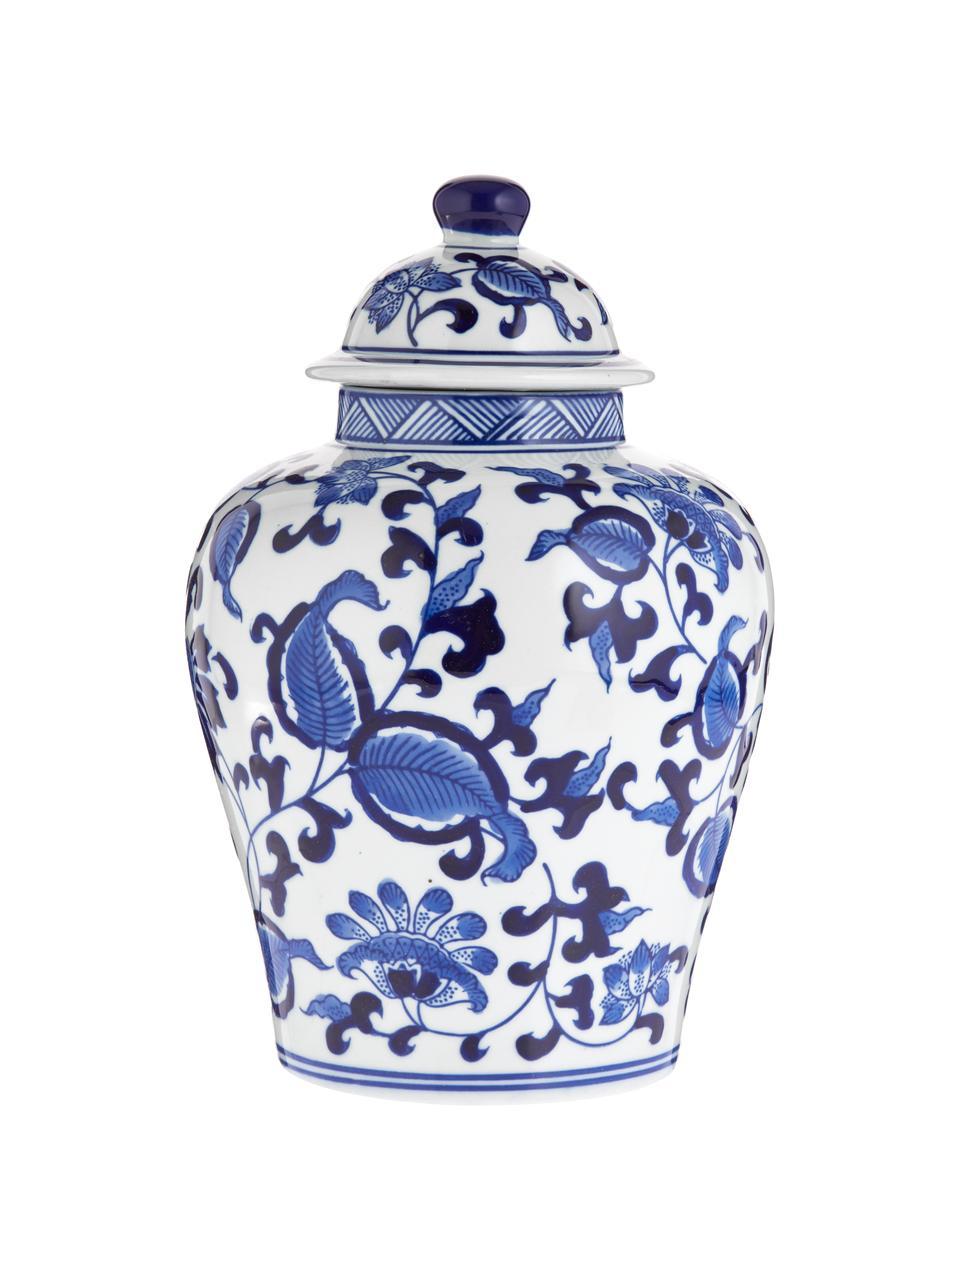 Wazon z porcelany z pokrywką Annabelle, Porcelana, Niebieski, biały, Ø 16 x 26 cm